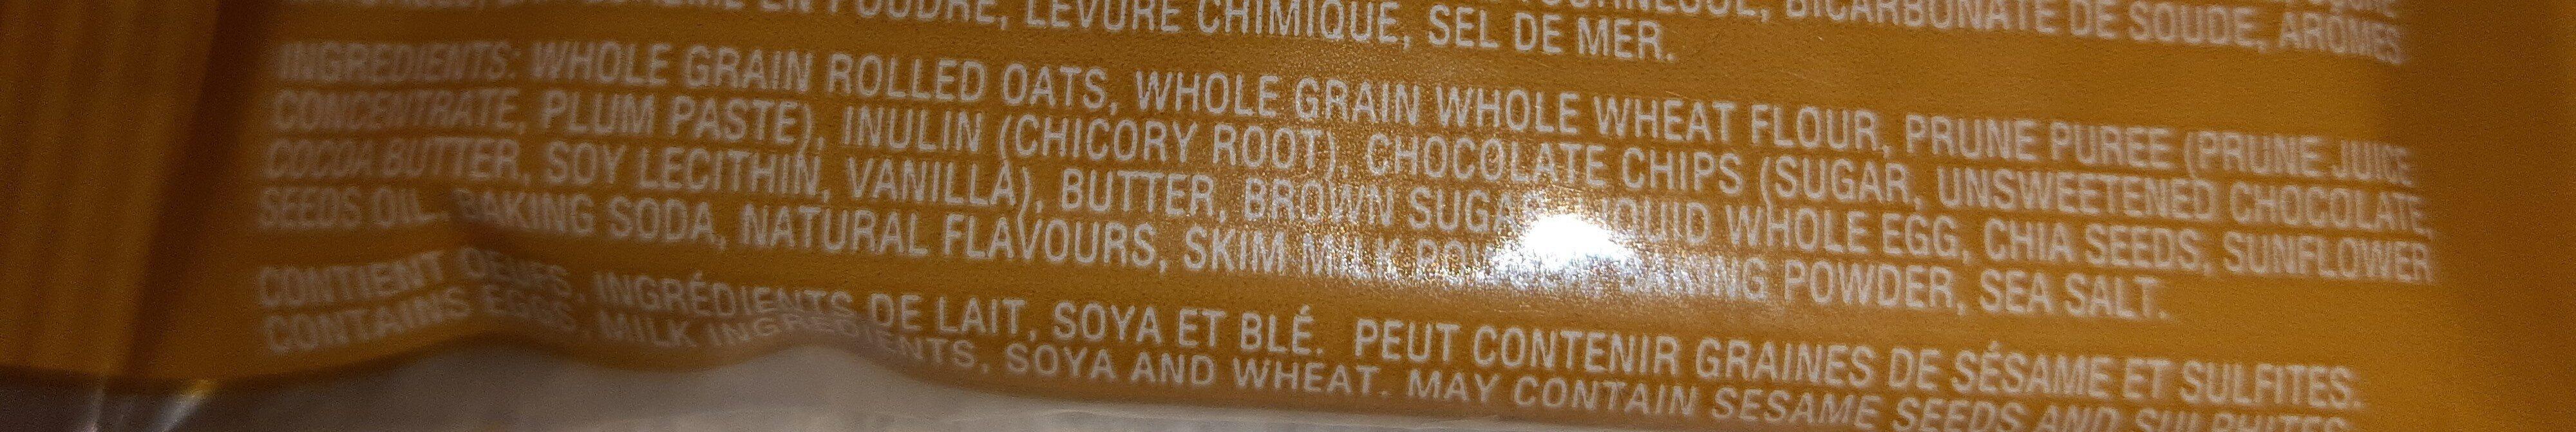 more cookie - Ingredients - en